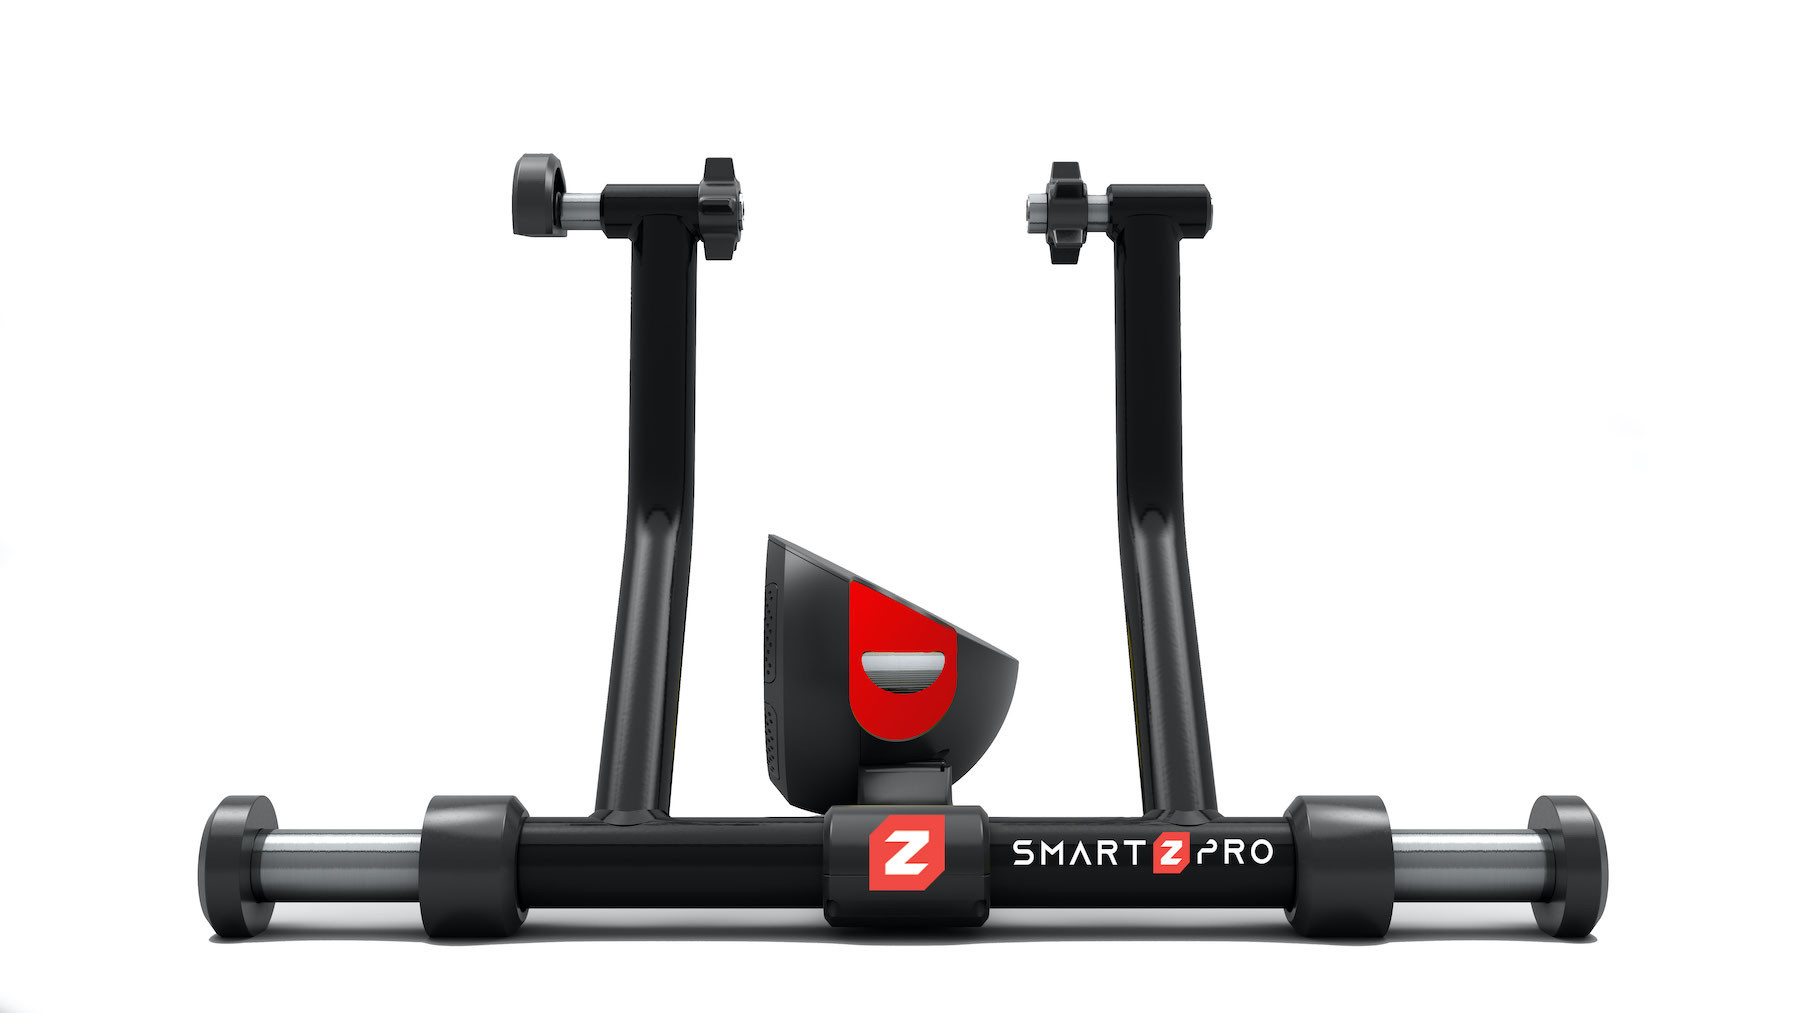 Rolo de treino Zycle ZPRO + Simulator Bkool Pack com 3 Meses de subscrição Premium